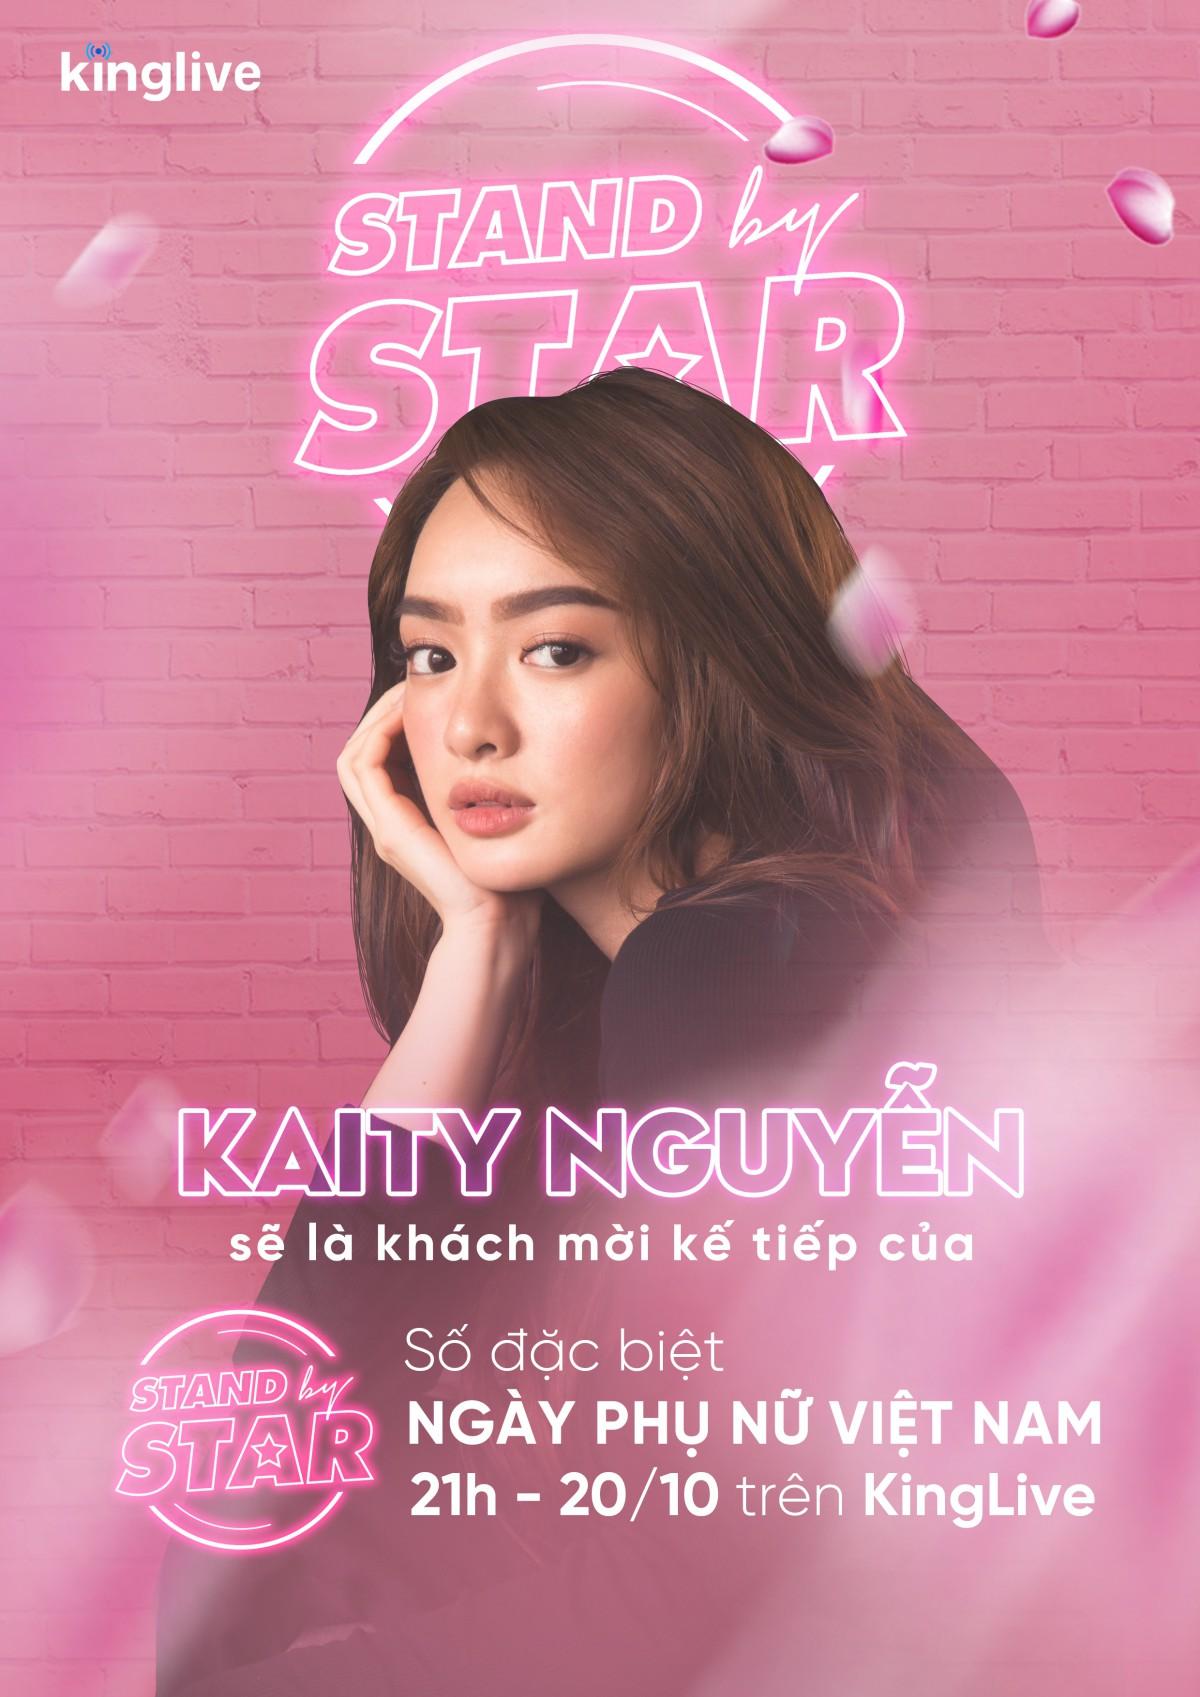 Dàn sao khủng Vbiz đổ bộ Stand By Star, hứa hẹn bùng nổ cảm xúc cùng ngày Phụ nữ Việt Nam 20/10 - Ảnh 9.